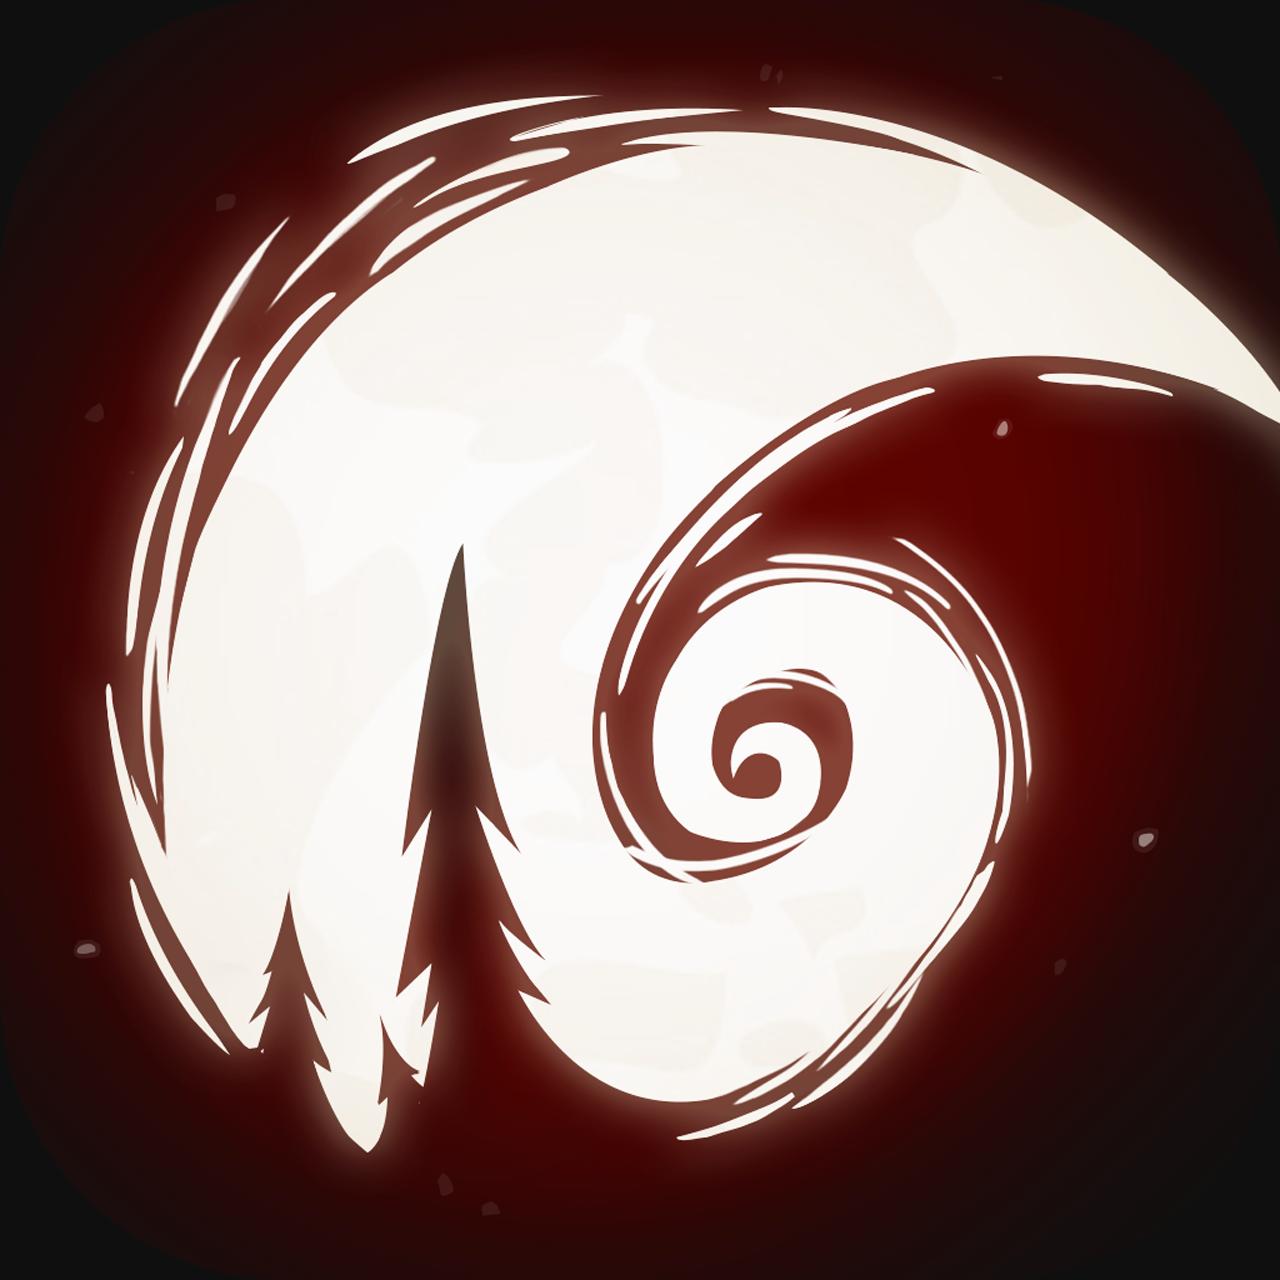 月圆之夜2021